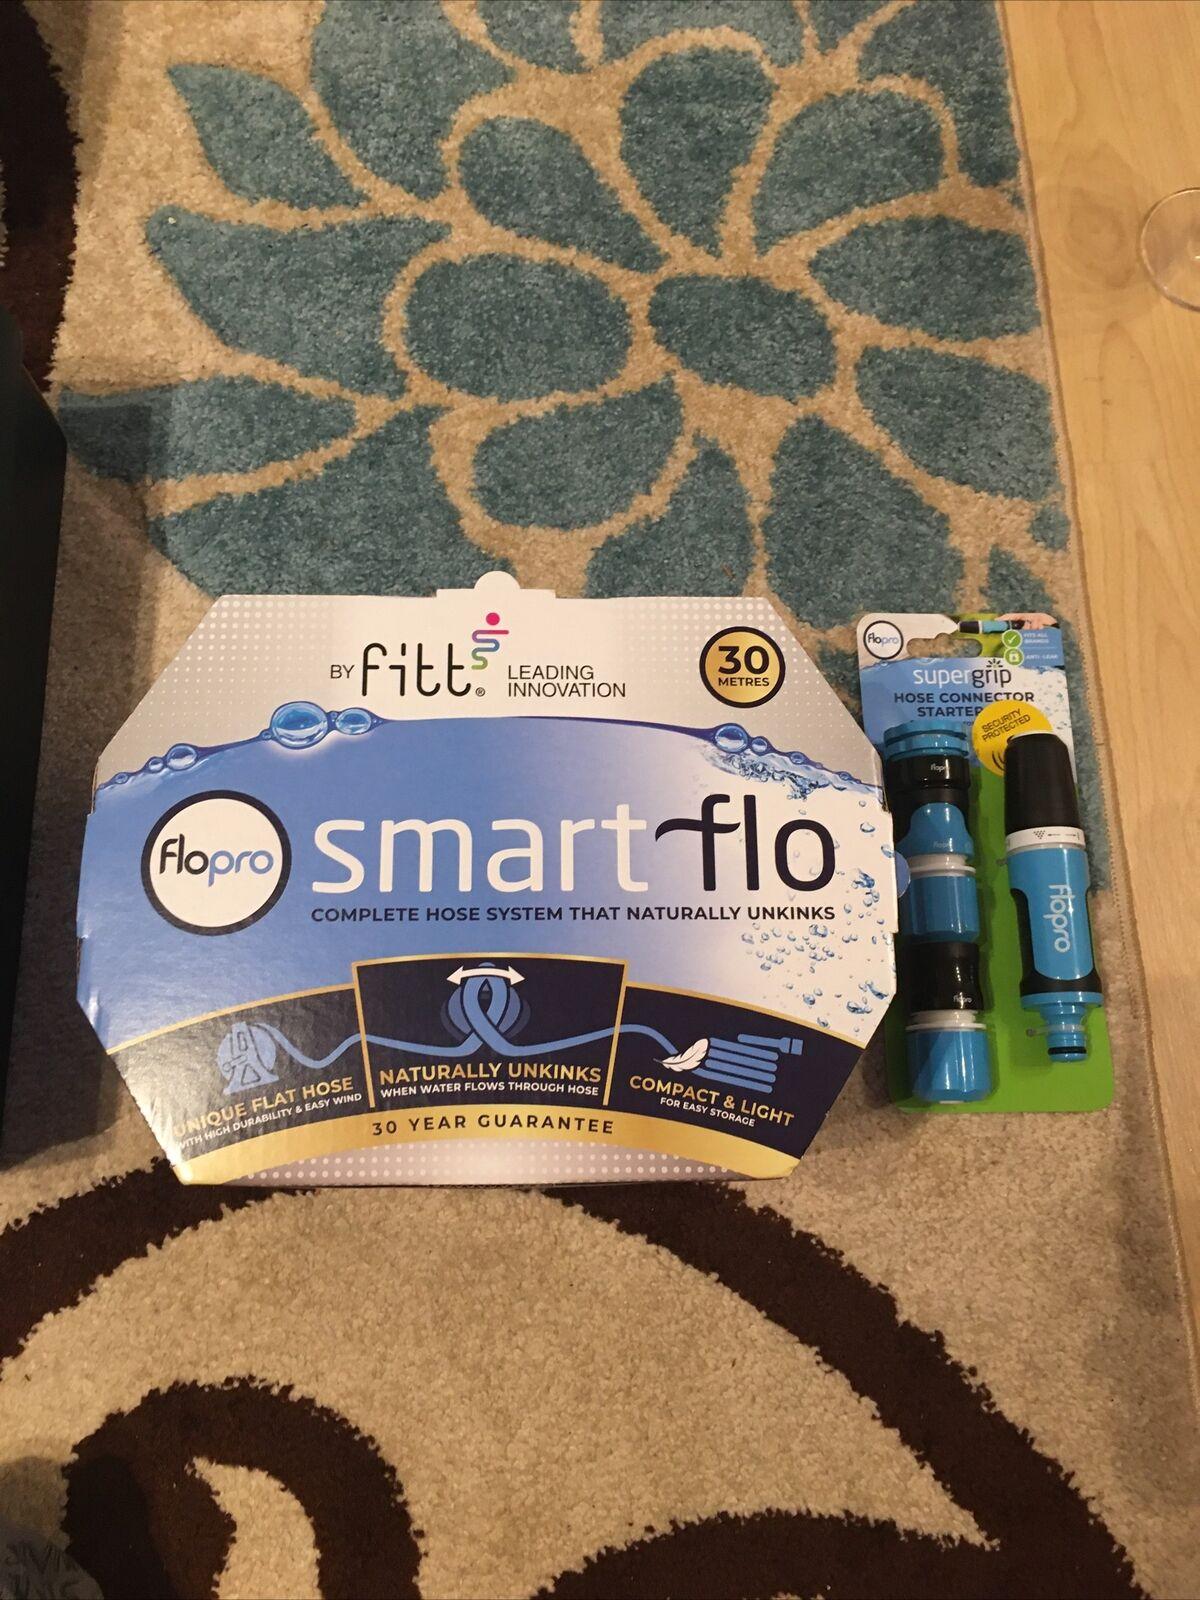 Flopro Smart Flo 30 Metre Hose And Flopro Super Grip Hose Connector Set